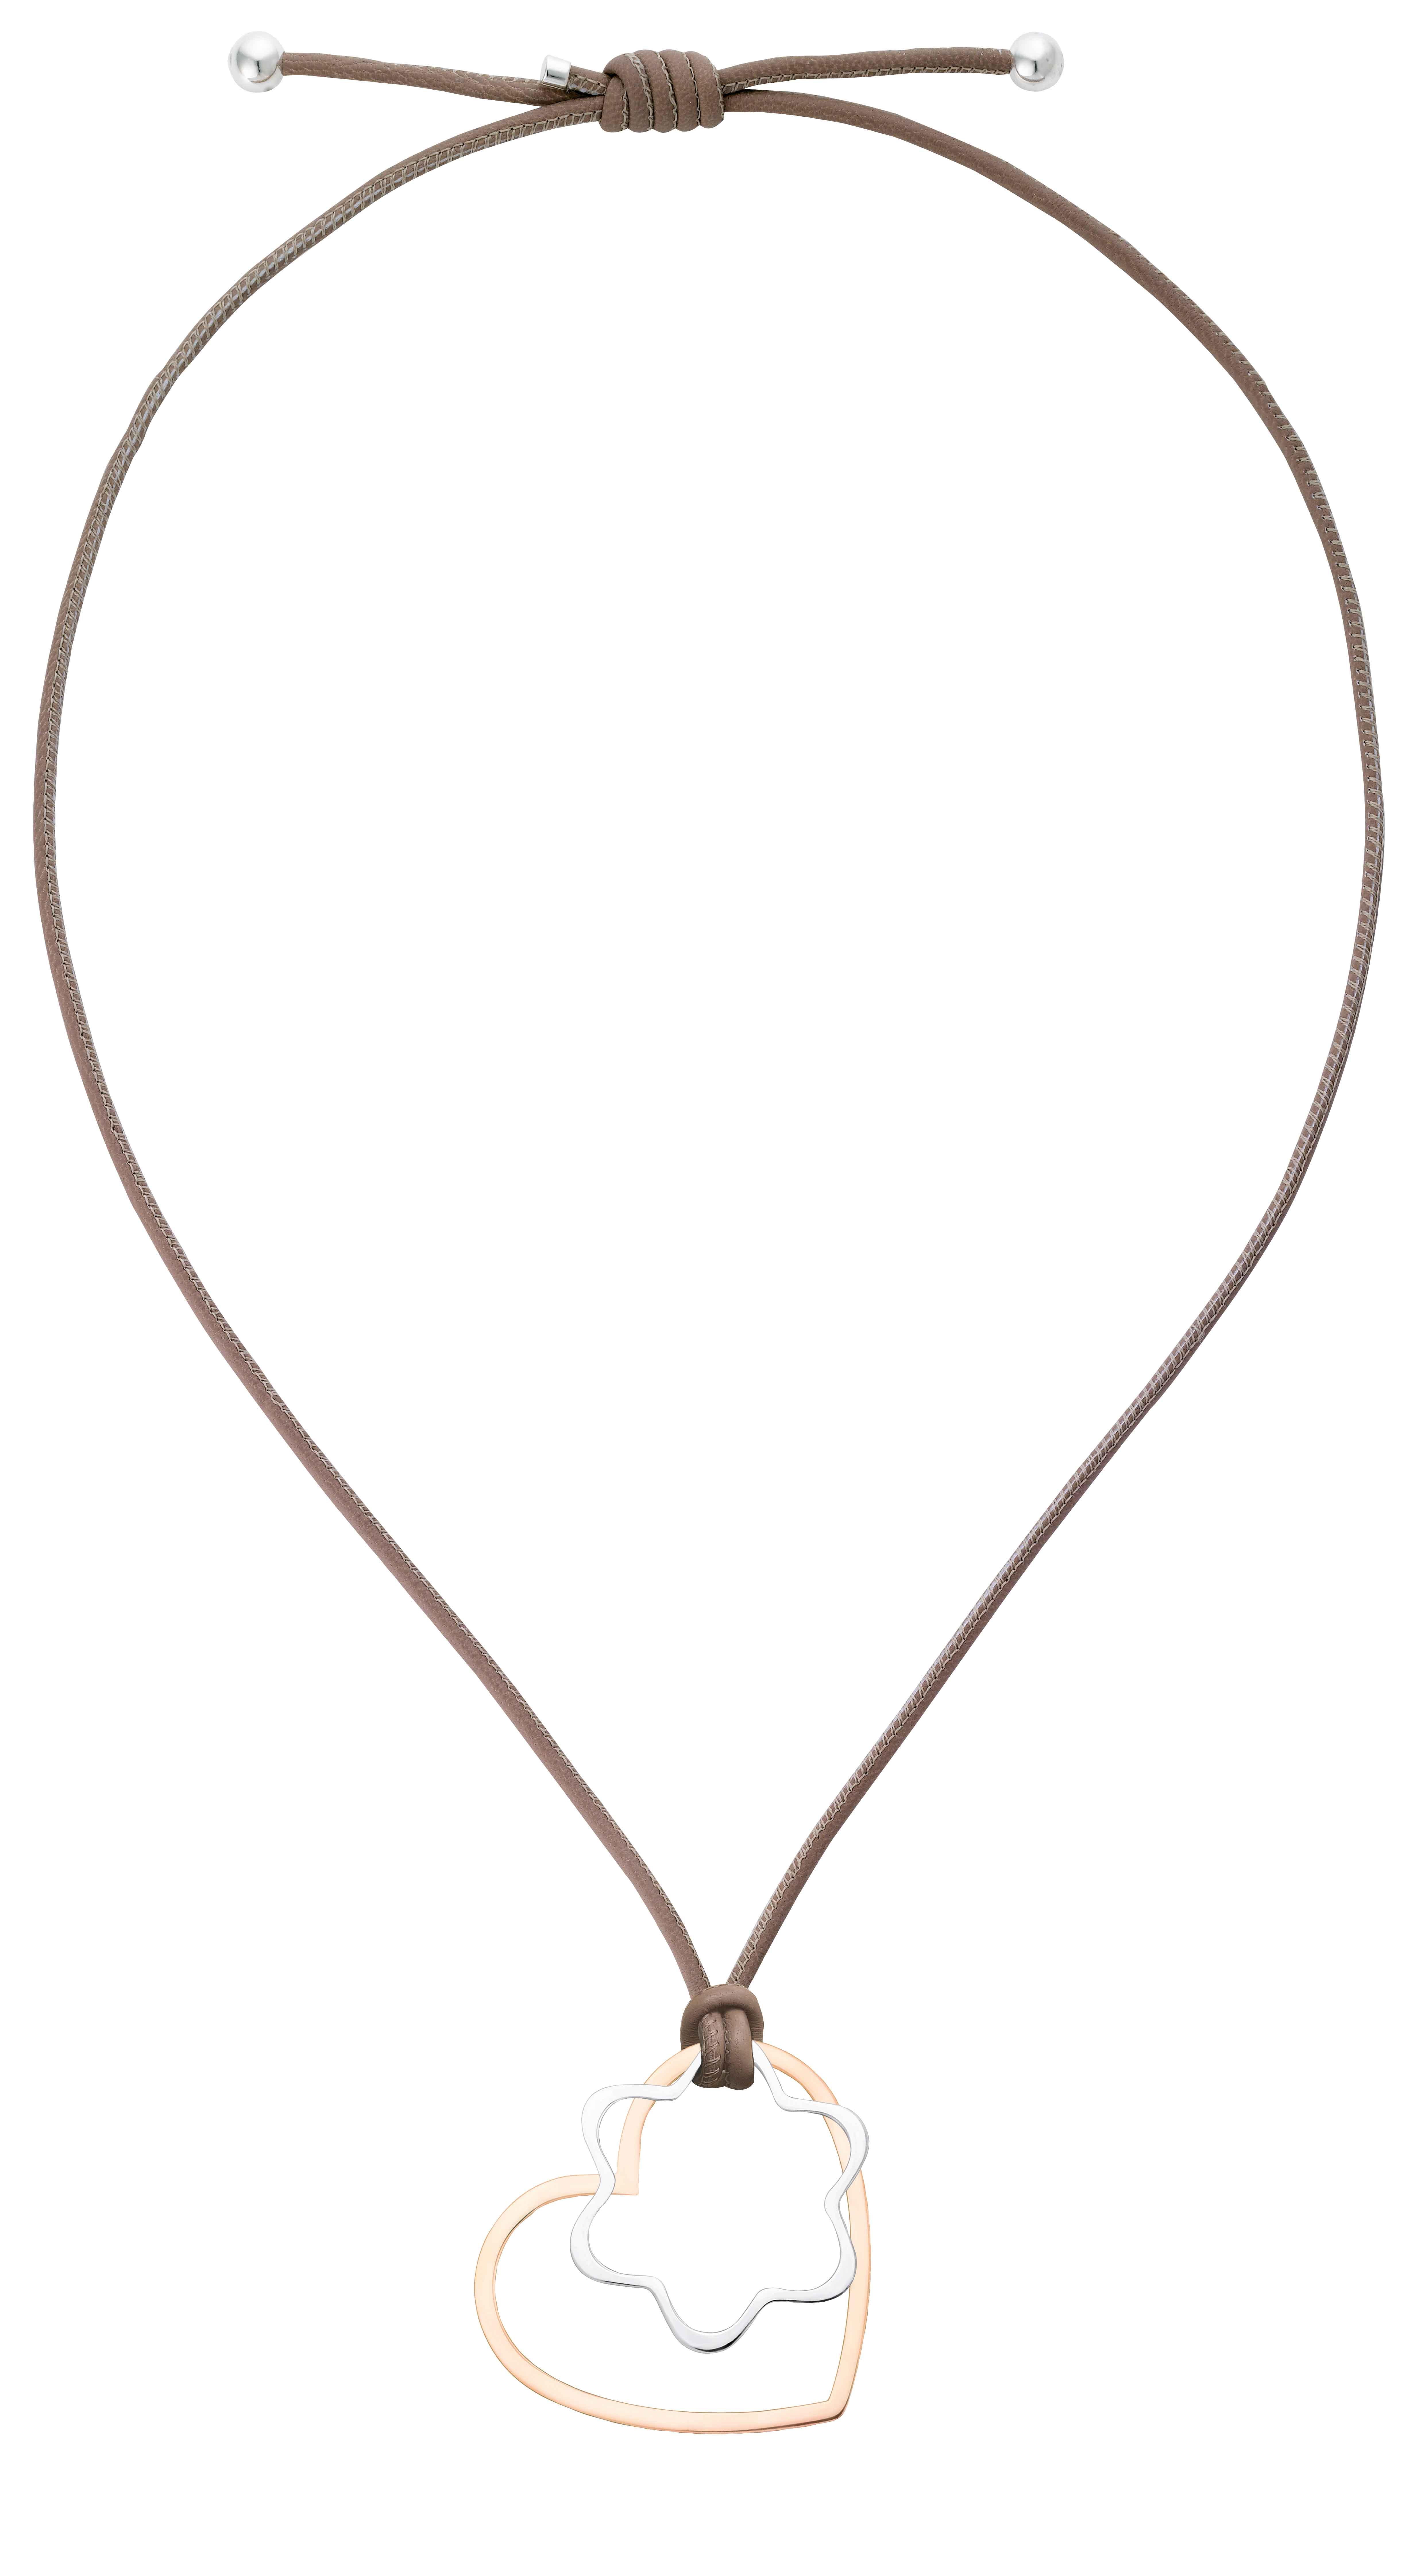 Montblanc-colgante-mujer-san-valentin-nexttrend.jpg